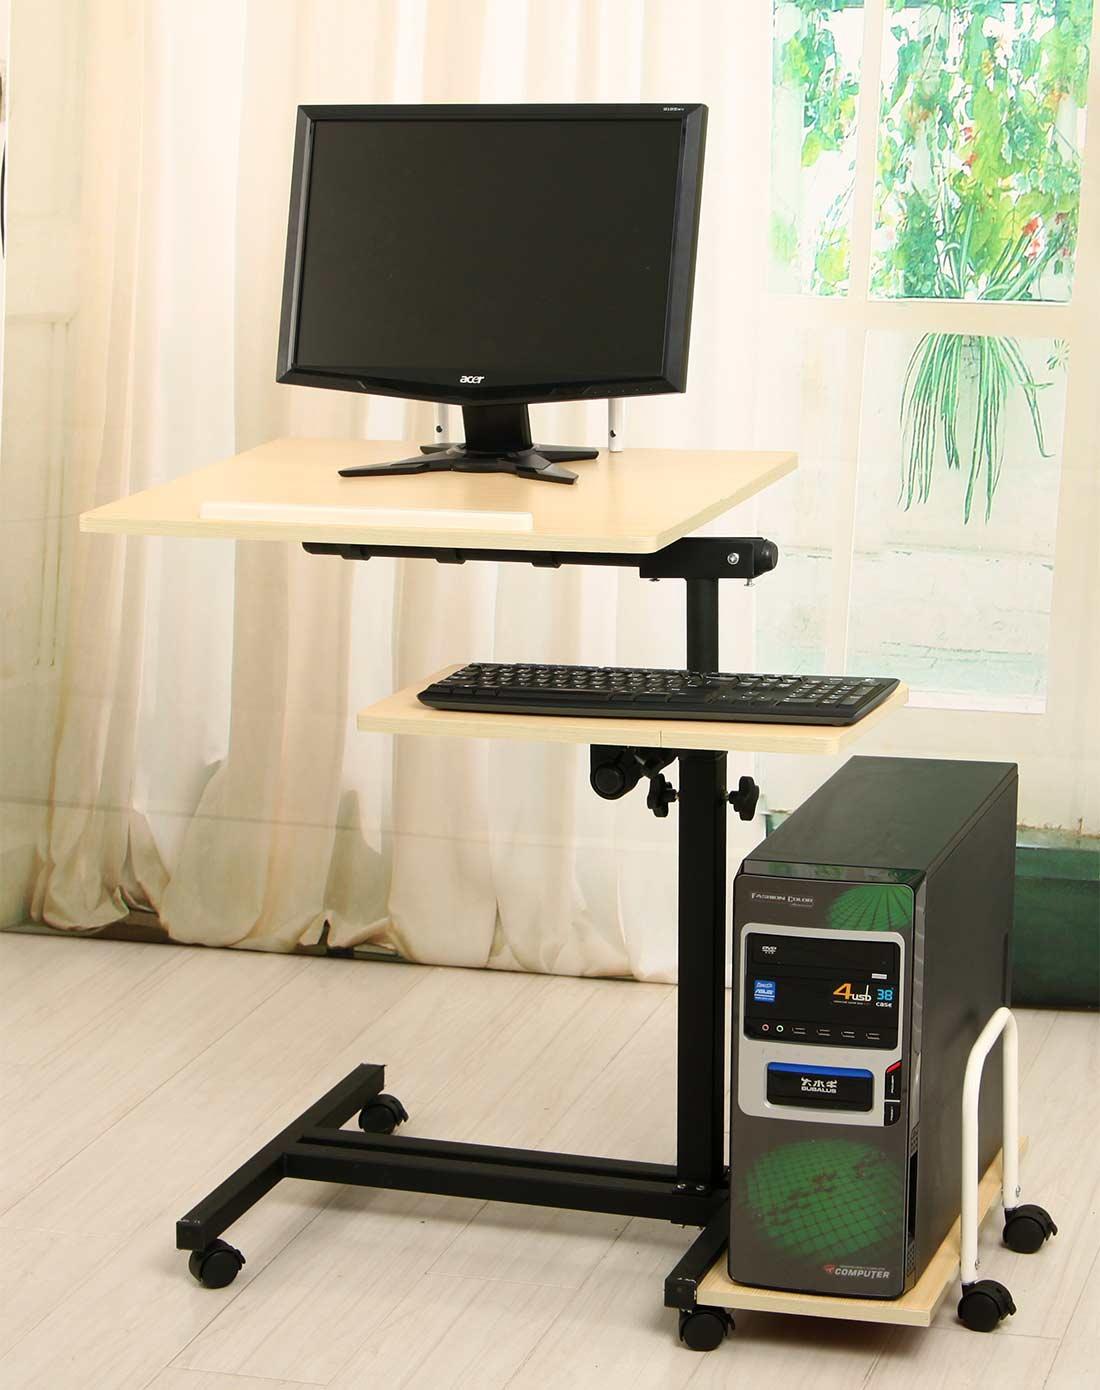 新滢铁艺床上置地电脑桌两用桌子xyqq700-sm_唯品会